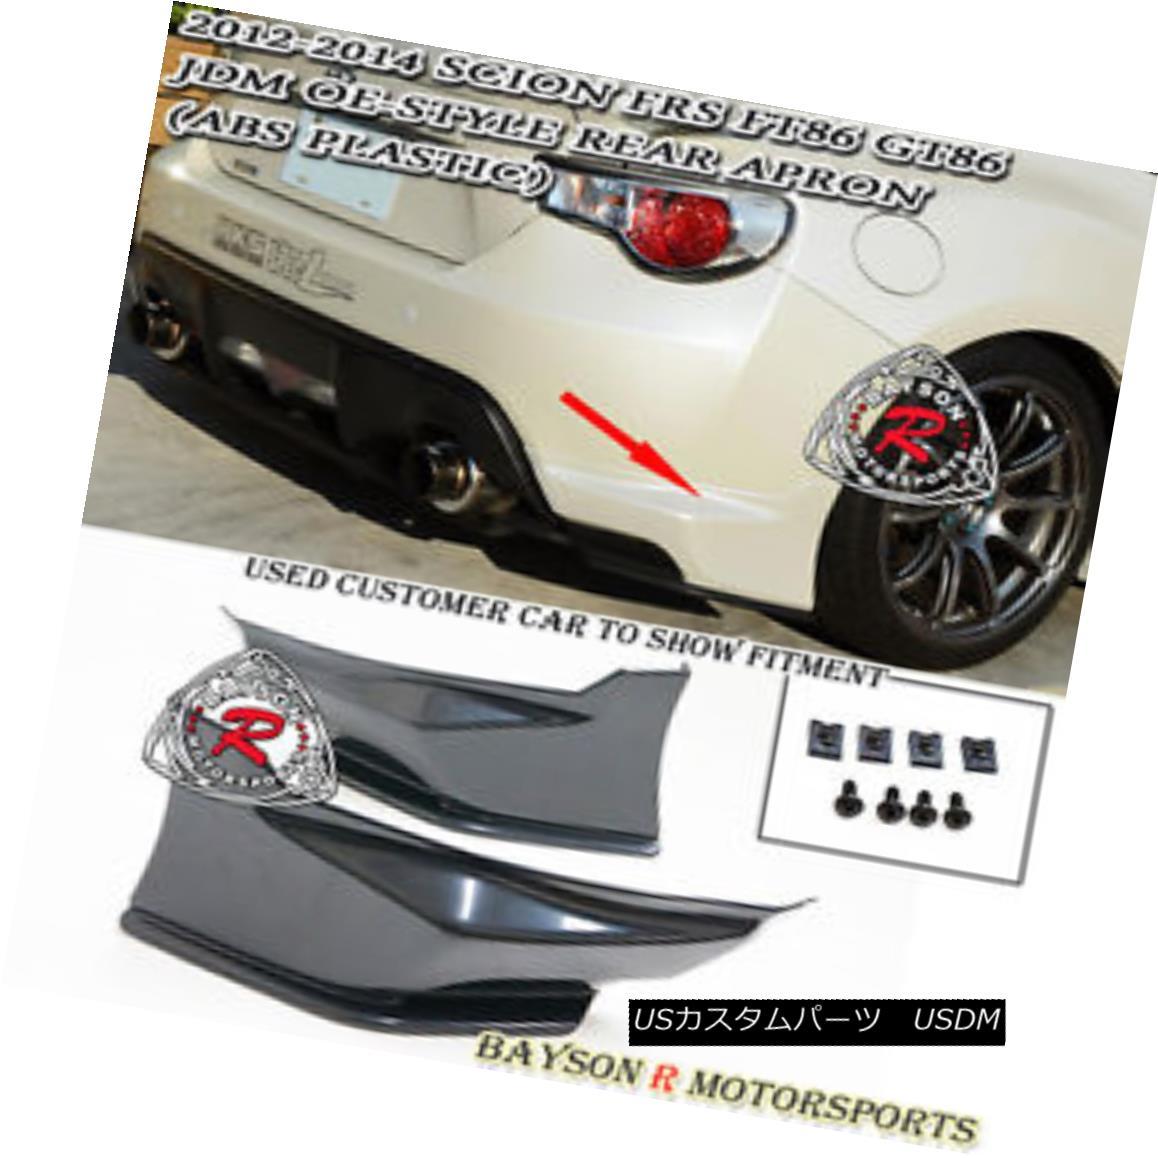 エアロパーツ OE-Style Rear Lip Aprons (ABS) Fits 12-16 Scion FR-S Toyota 86 OEスタイルのリアリップエプロン(ABS)は、12-16サイオンFR-Sトヨタ86に適合